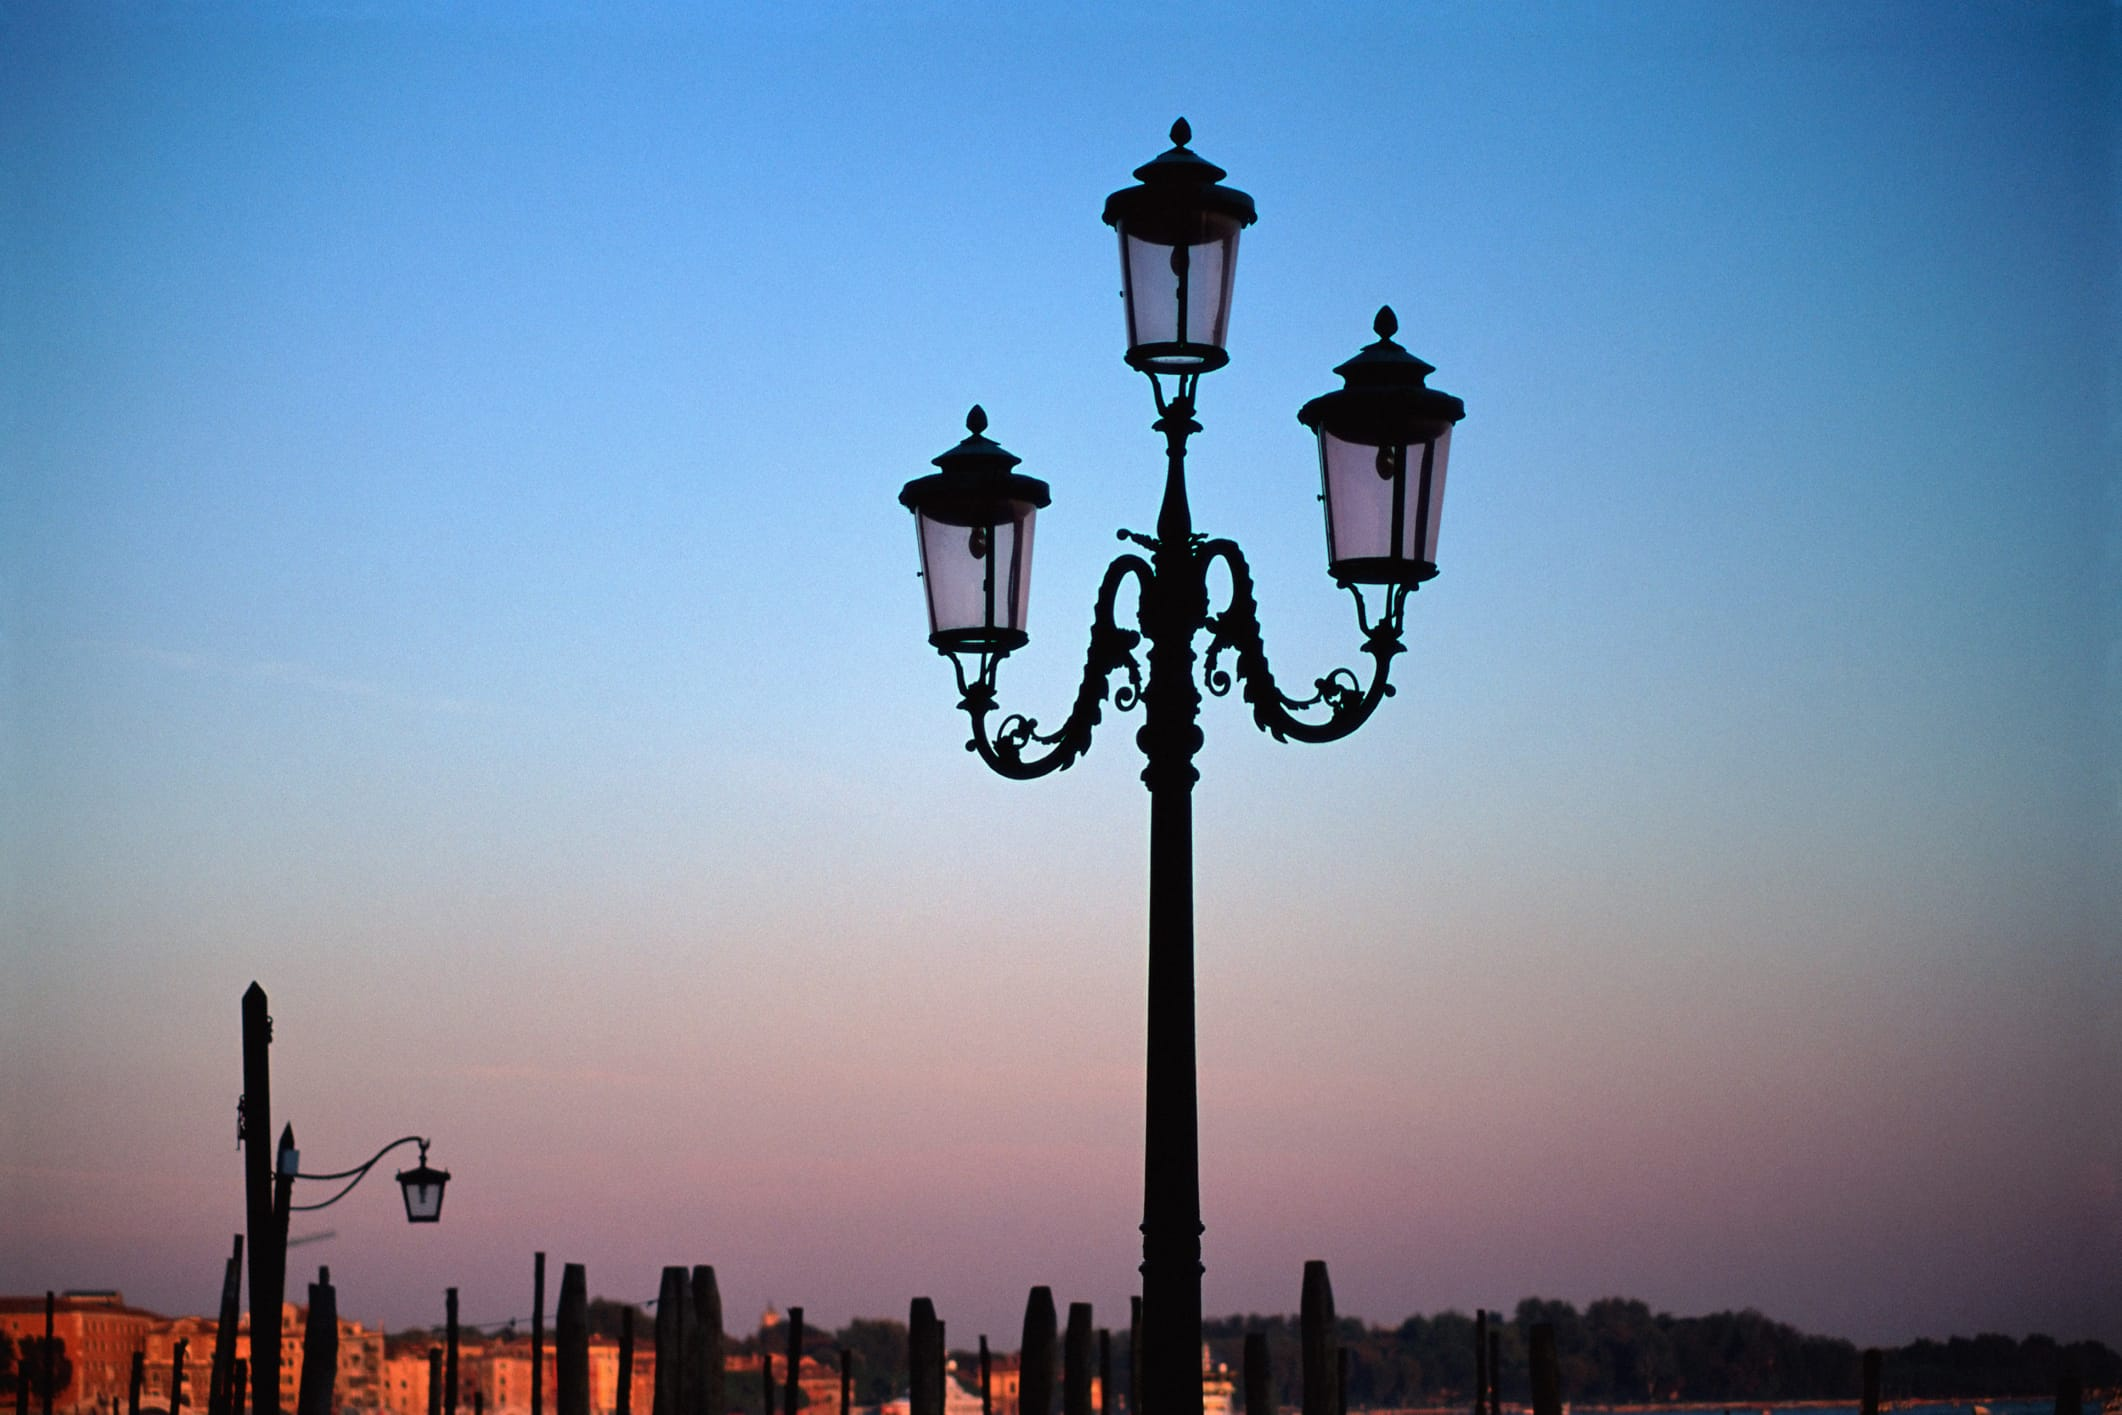 Spreco illuminazione pubblica in Italia